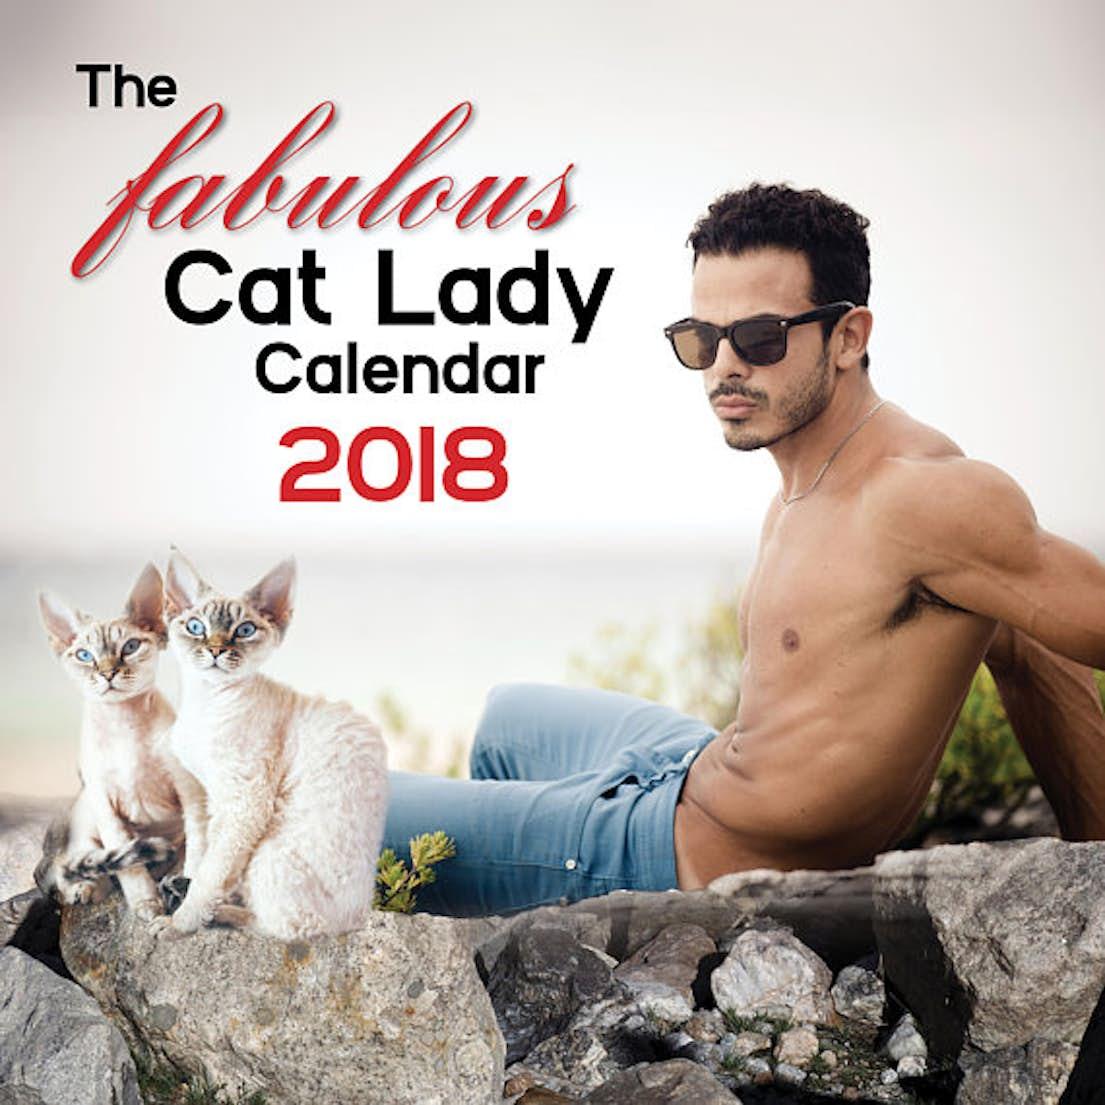 dating profil pige elsker katte st johns dating sites